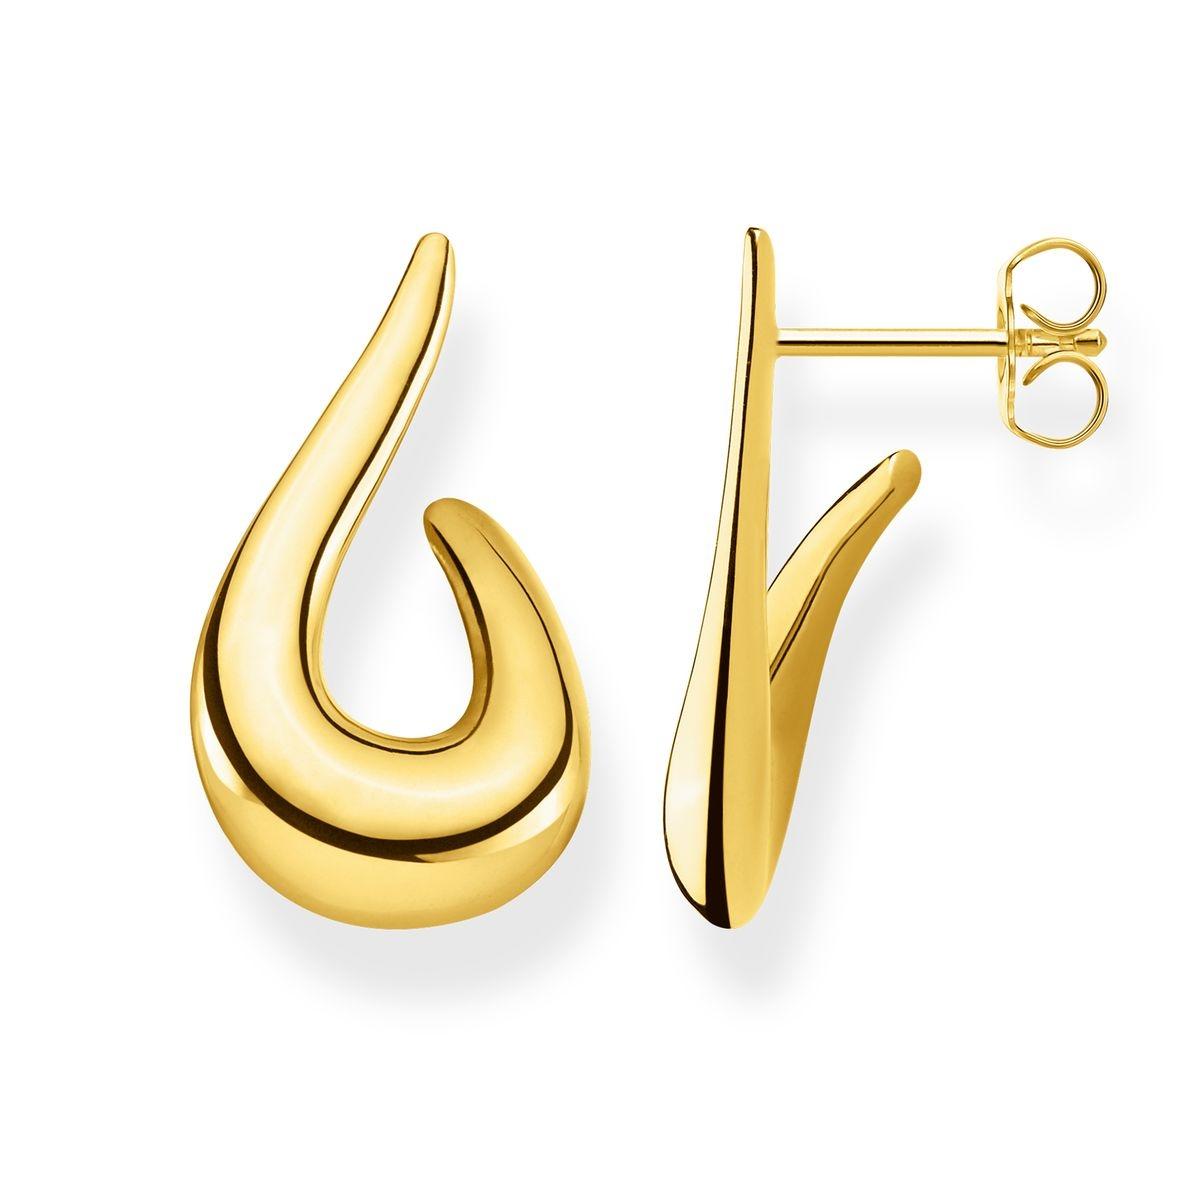 Boucles D'oreilles Heritage Boucles d'oreilles Argent Sterling 925 ; Plaqué Or Jaune 18 Carats